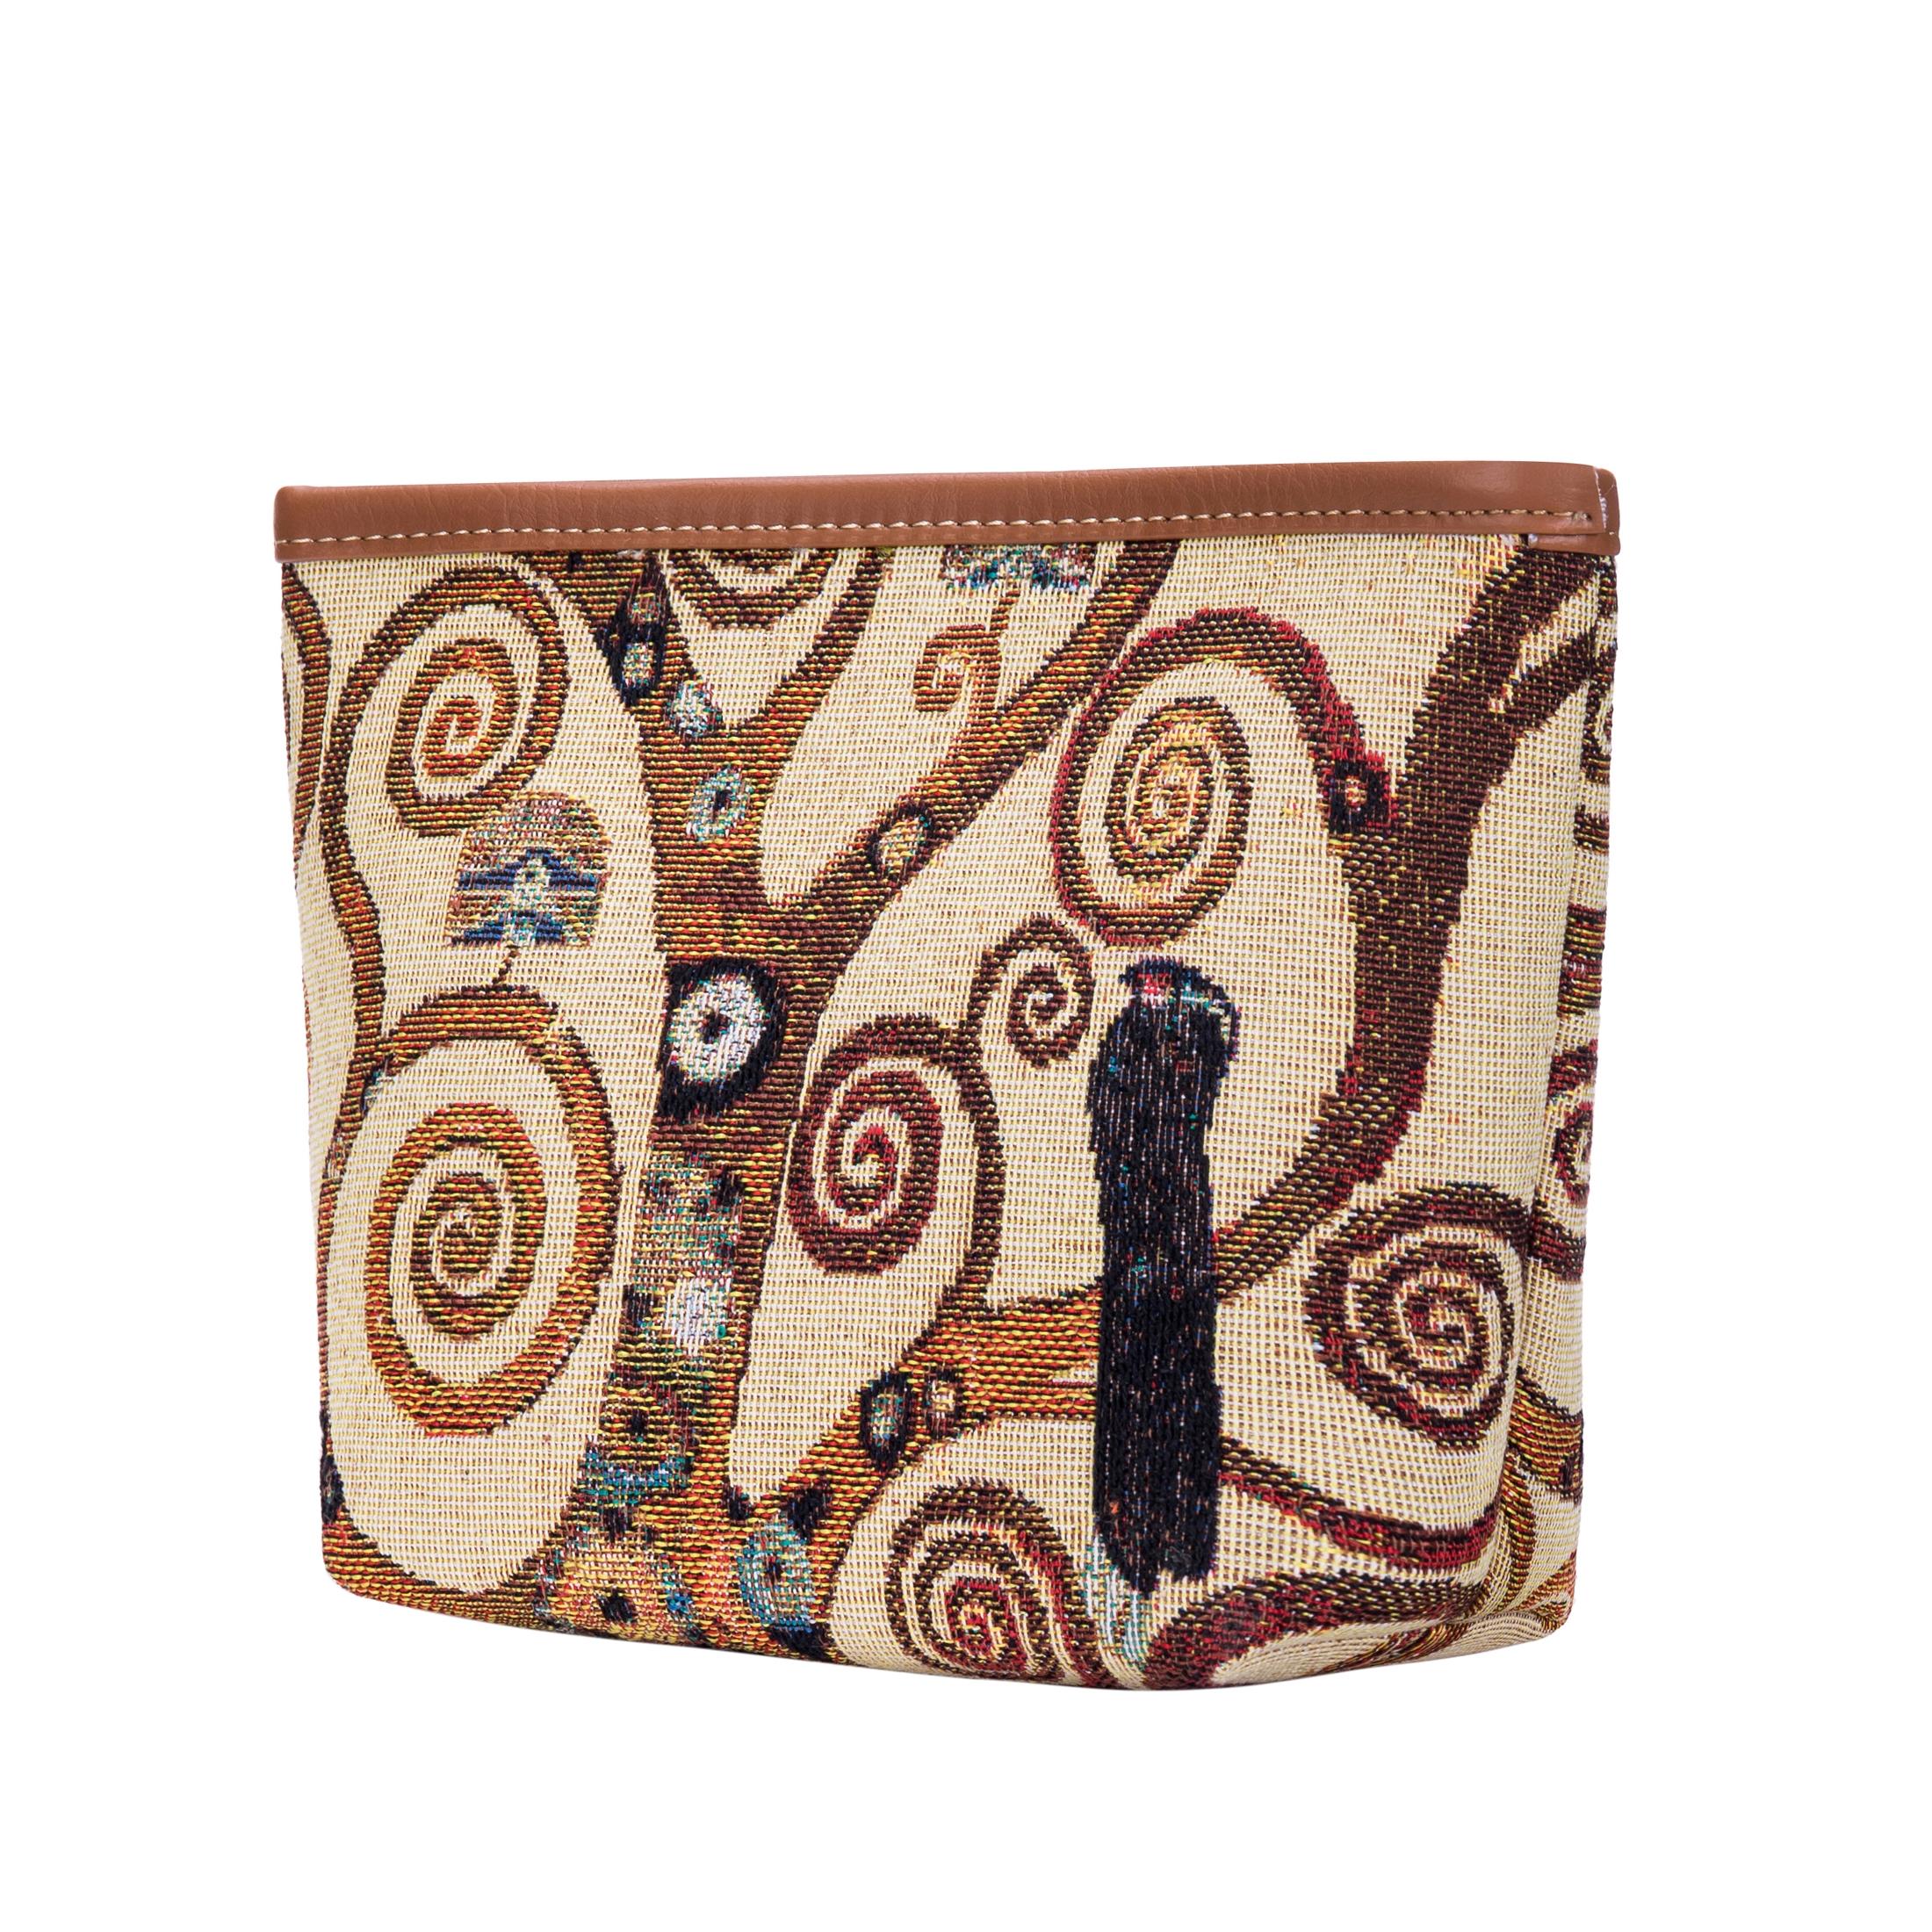 Goebel Artis Orbis Gustav Klimt 'AO T TAS Der Lebensbaum' 2021 !